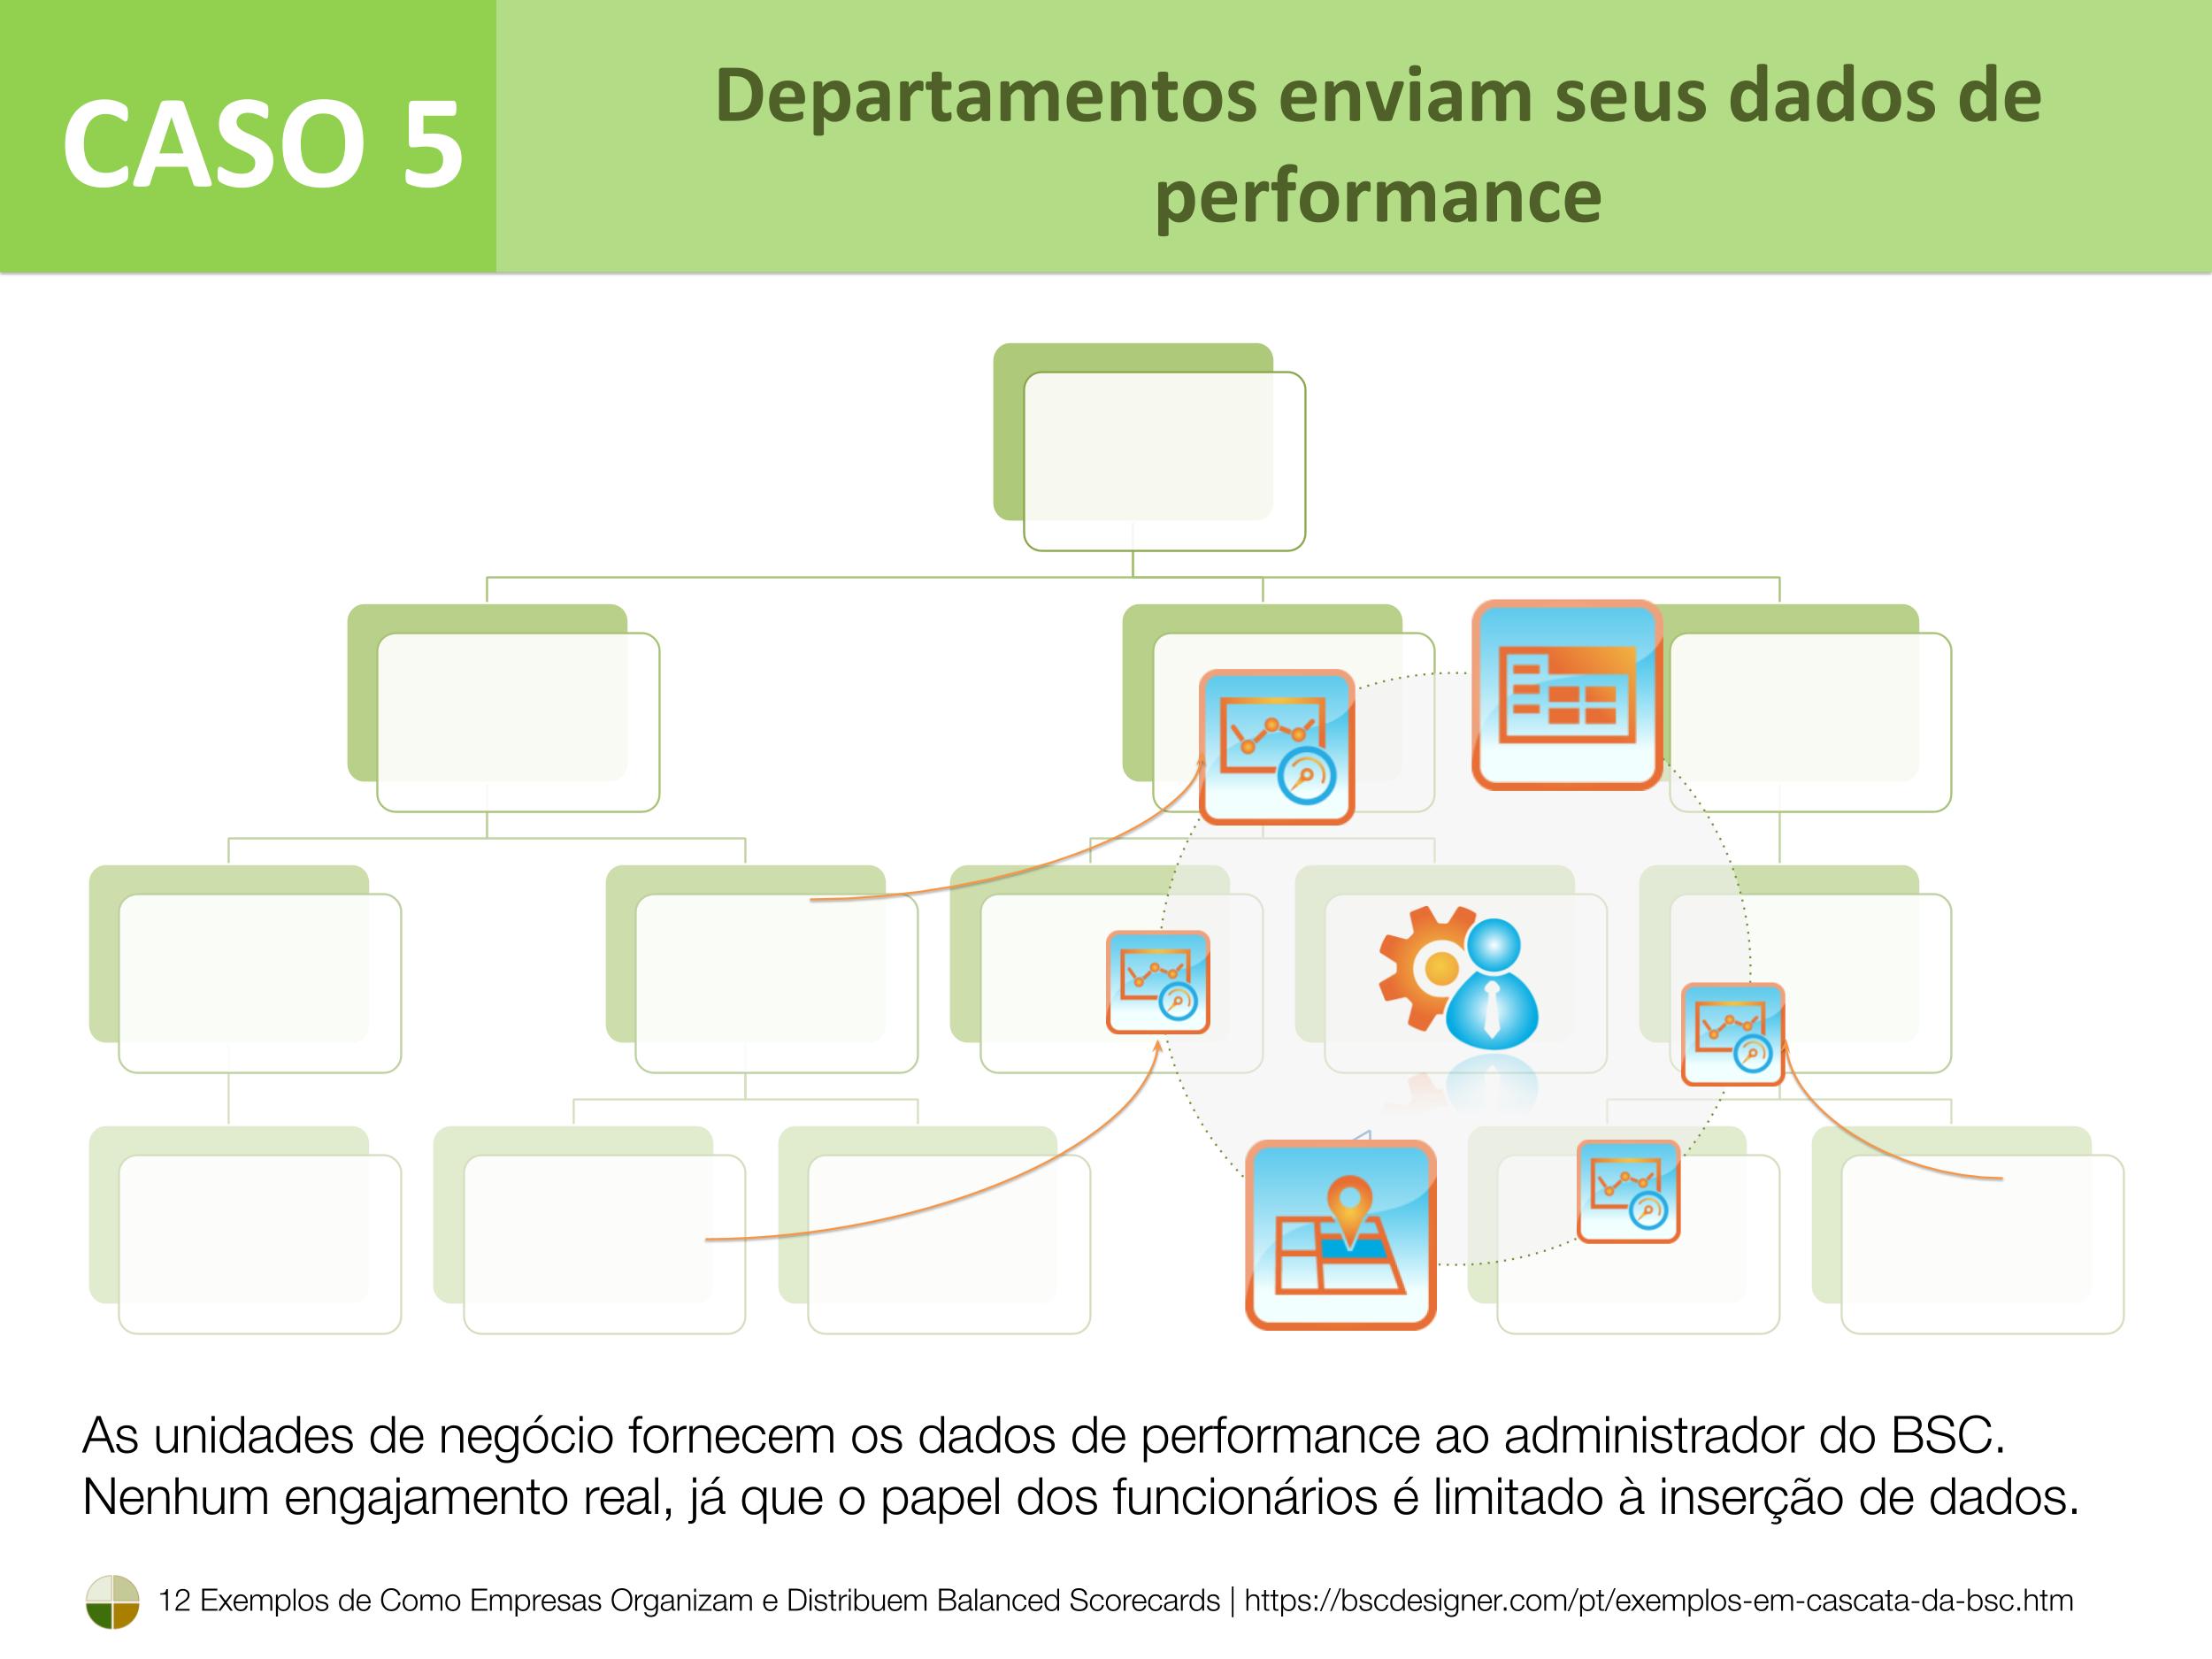 Caso 5 – Departamentos enviam seus dados de performance